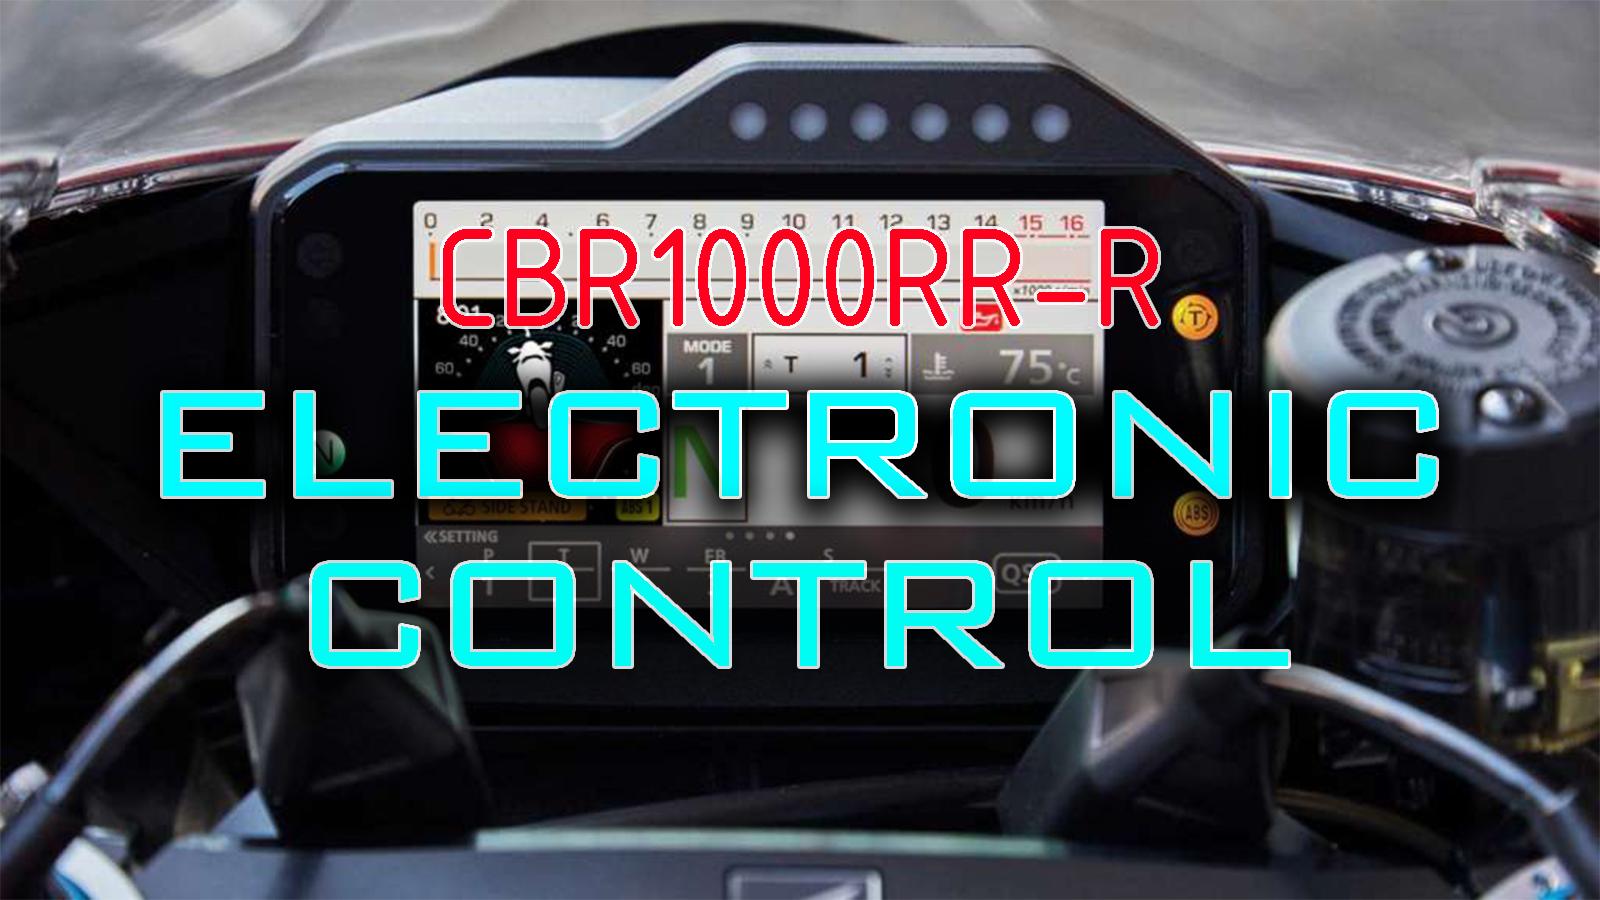 CBR1000RR-R(SC82)電子制御の解説